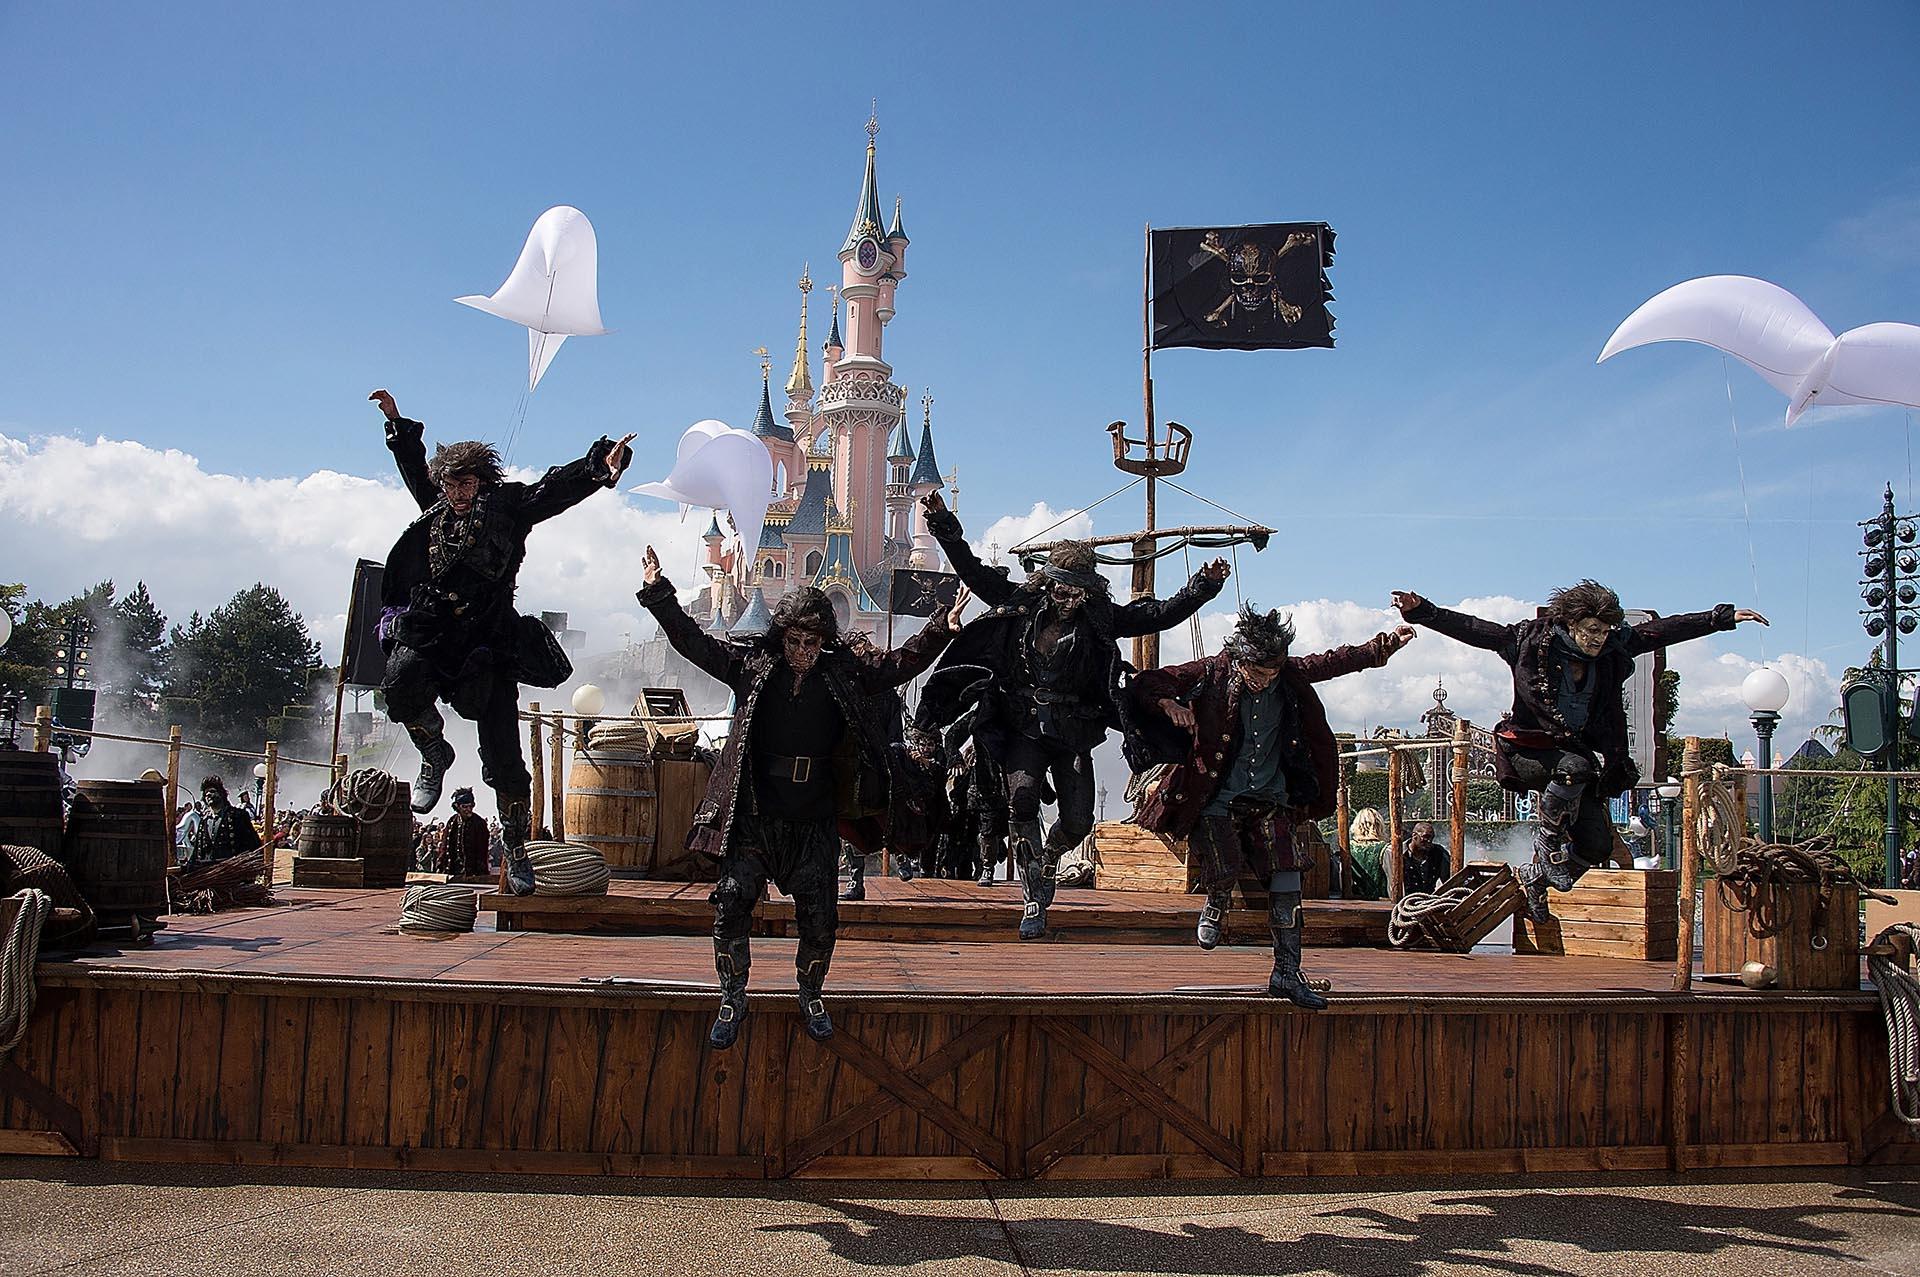 El gran espectáculo de la premiere, que se llevó a cabo en Disneylandia